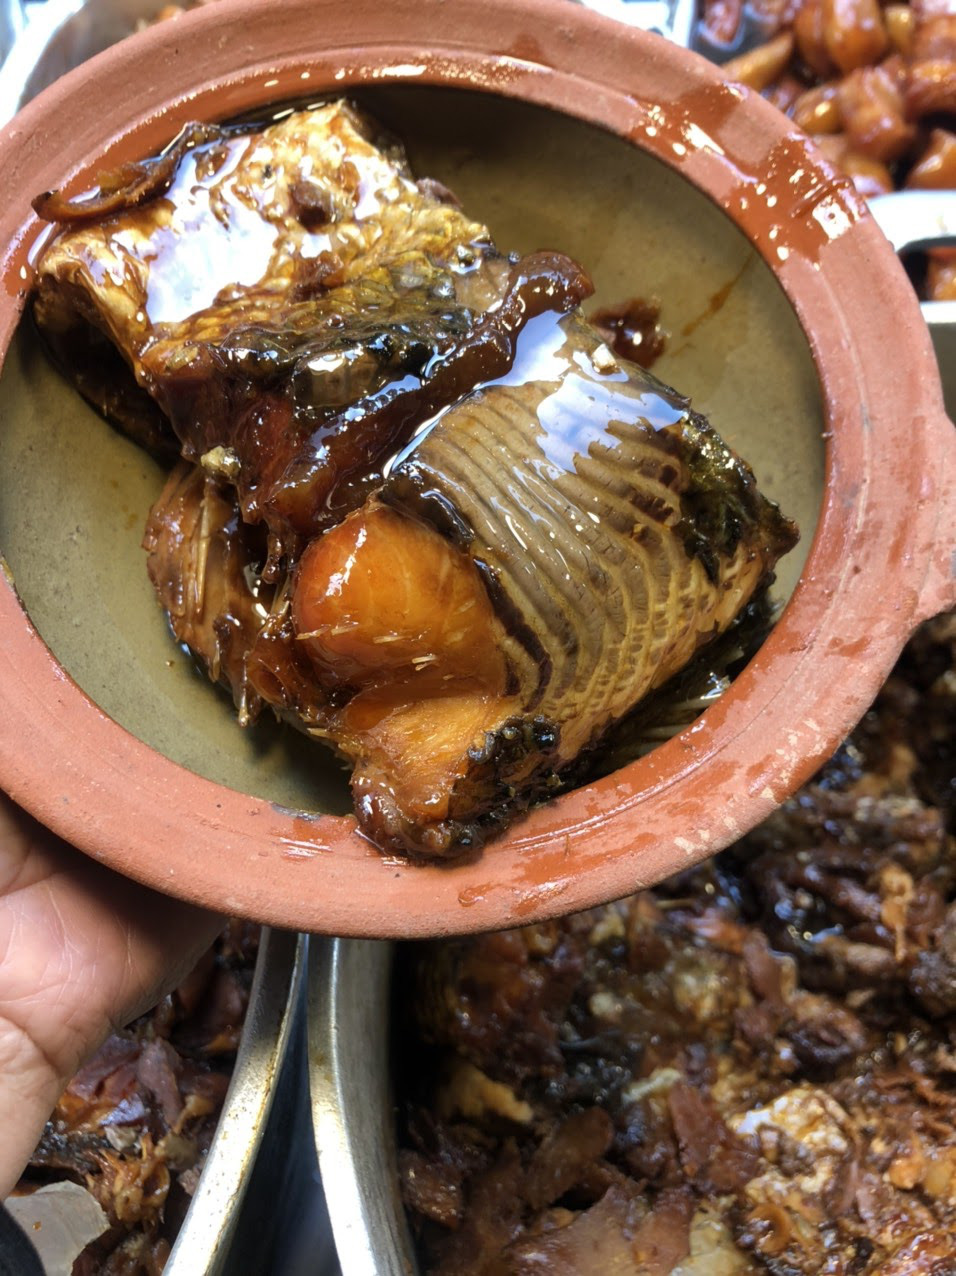 """Tết này ăn gì? """"Soi"""" review của loạt food blogger phát hiện món cá kho phố cổ ngon đình đám, nấu 300kg/ngày cũng bán hết veo - Ảnh 5."""